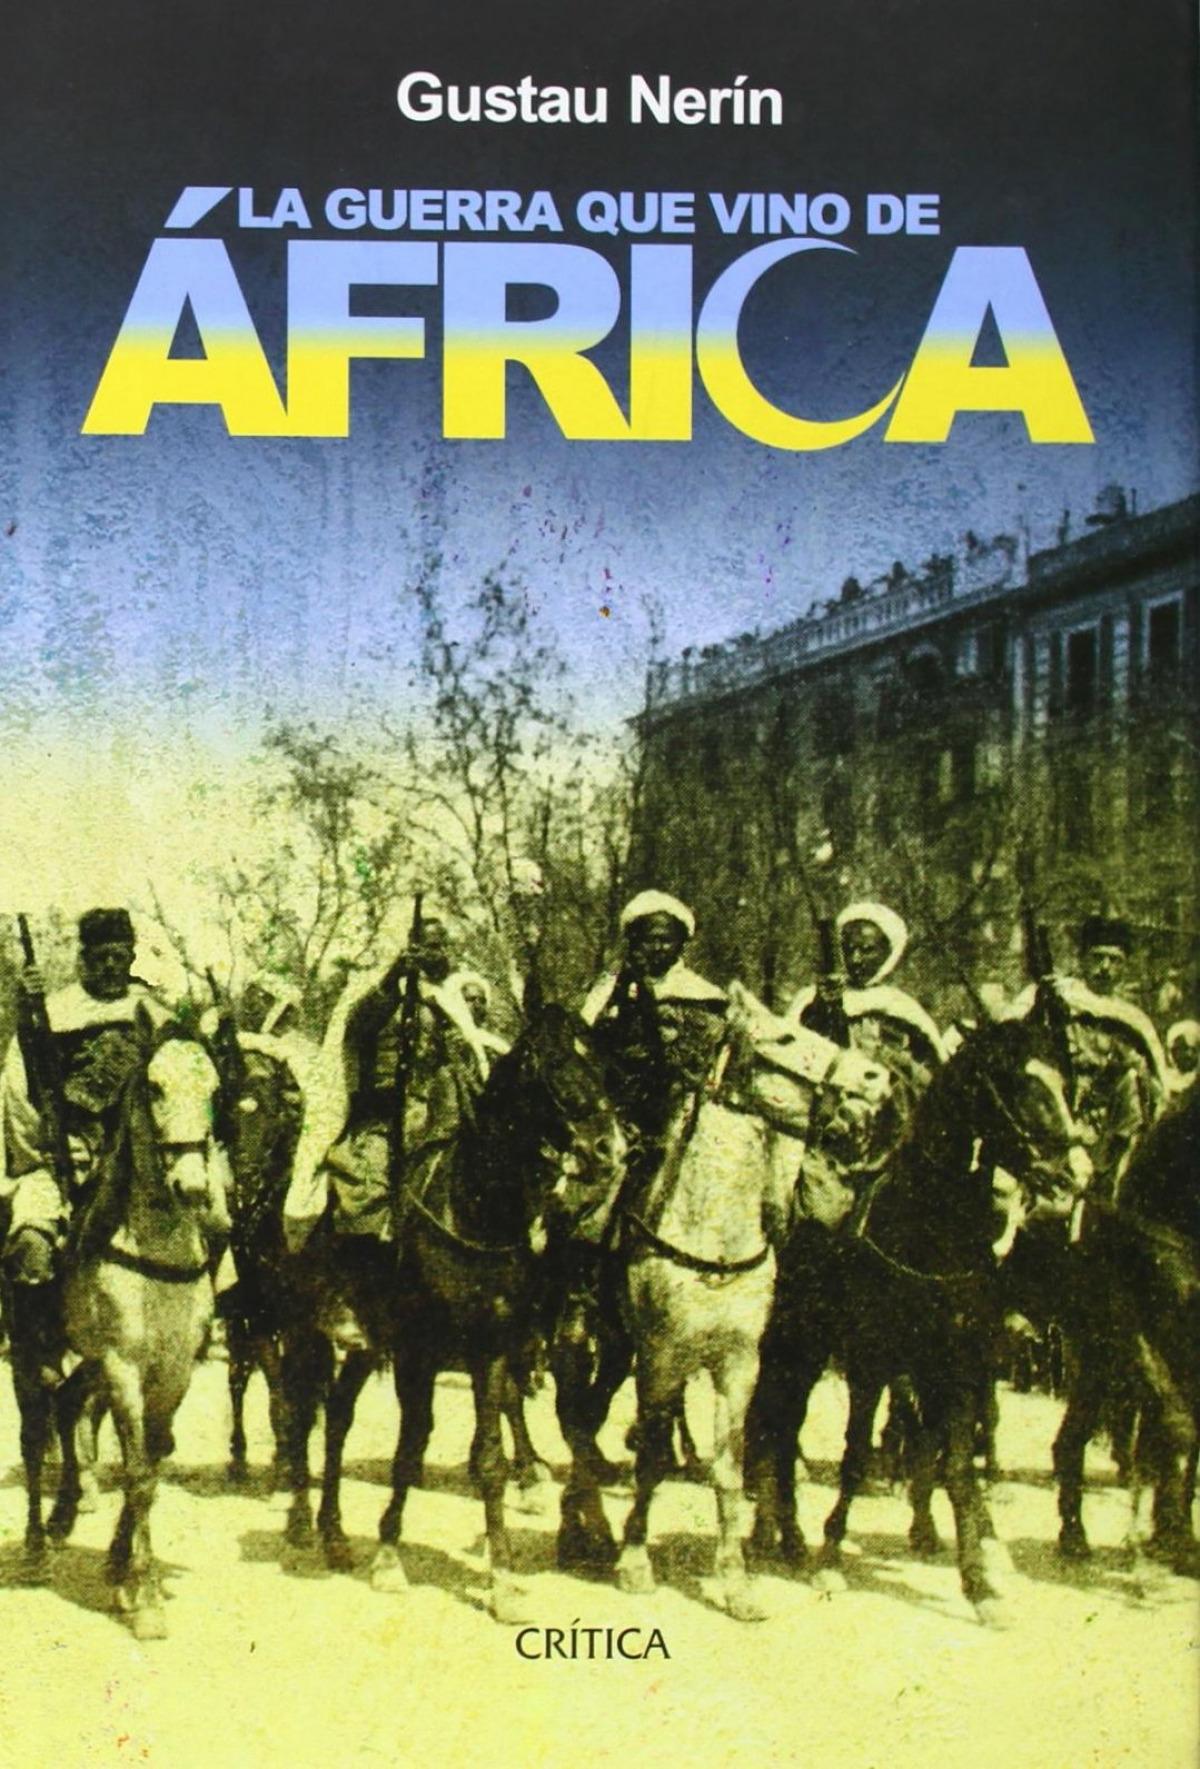 La guerra que vino de África 9788484326182